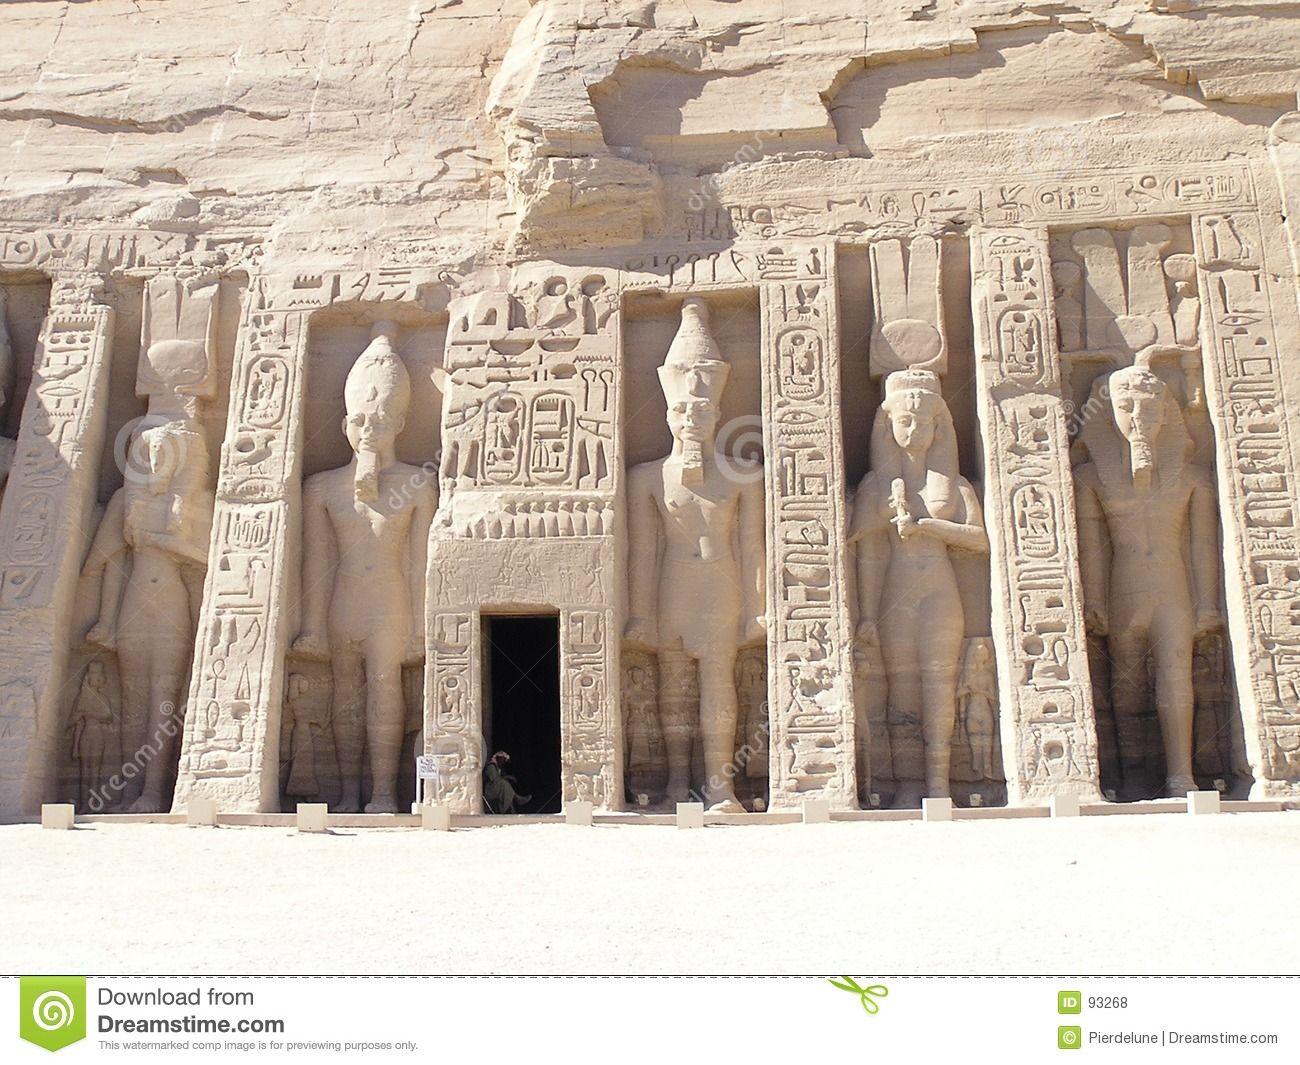 świątynia Nertari w Abu Simbel; fasada posagi Ramzesa i Nefertari;